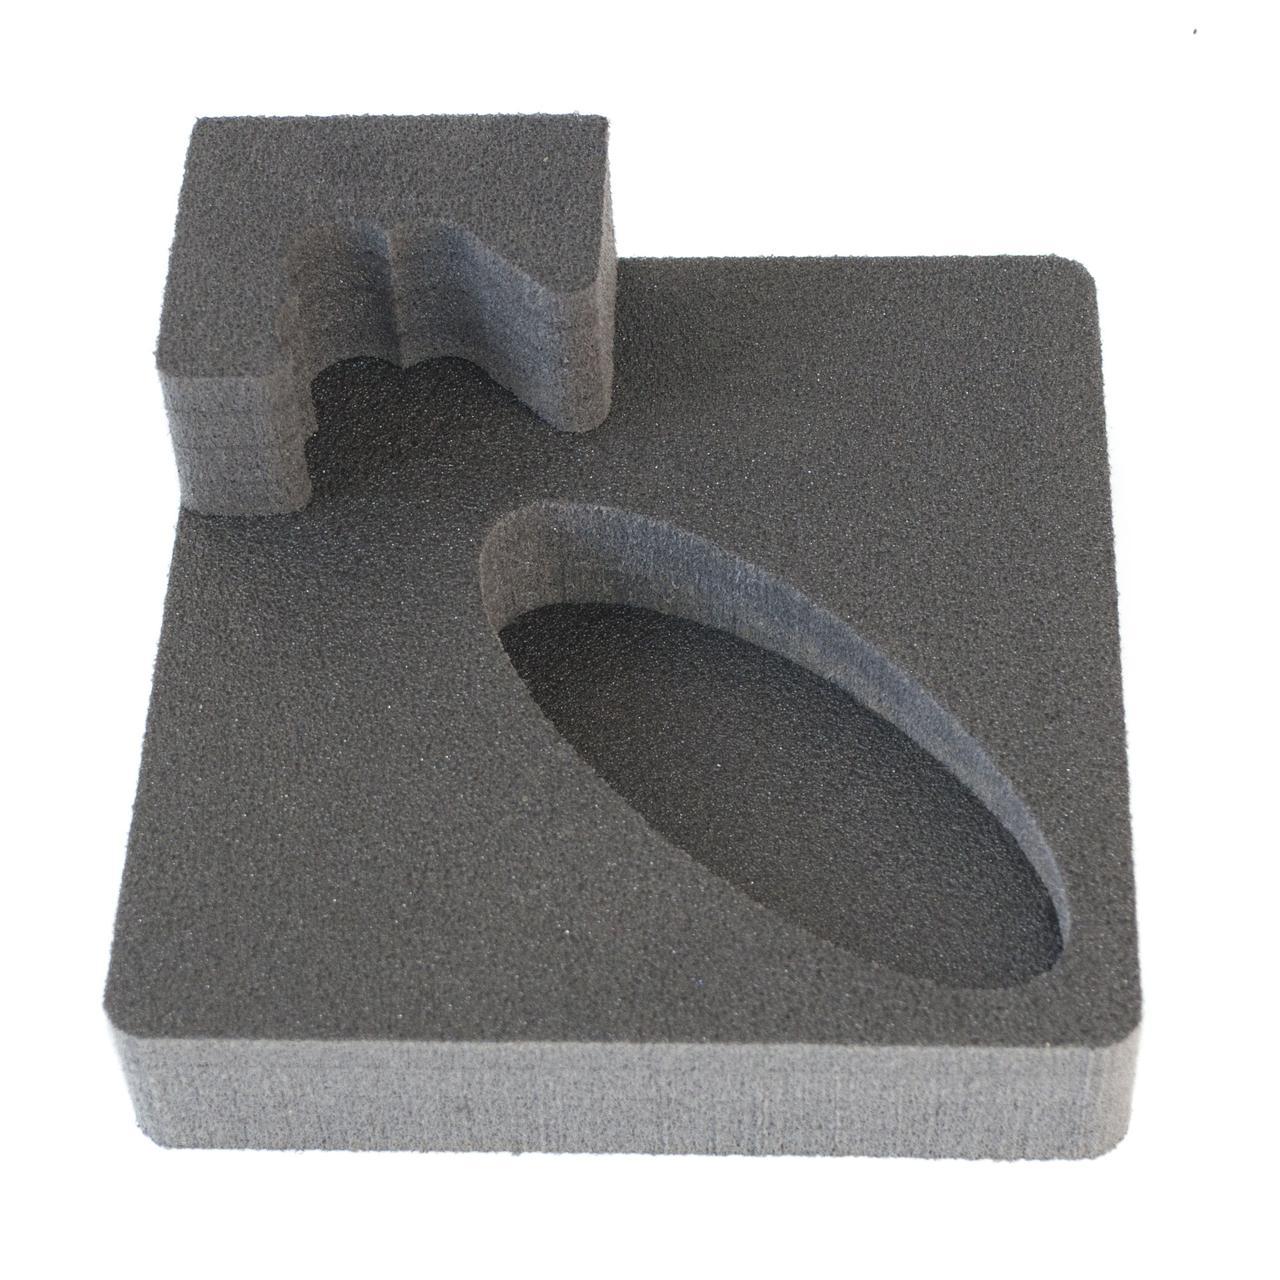 Комплект держатель ствола 1UGL + ложемент под приклад D1UGL на один ствол (ружье) под углом